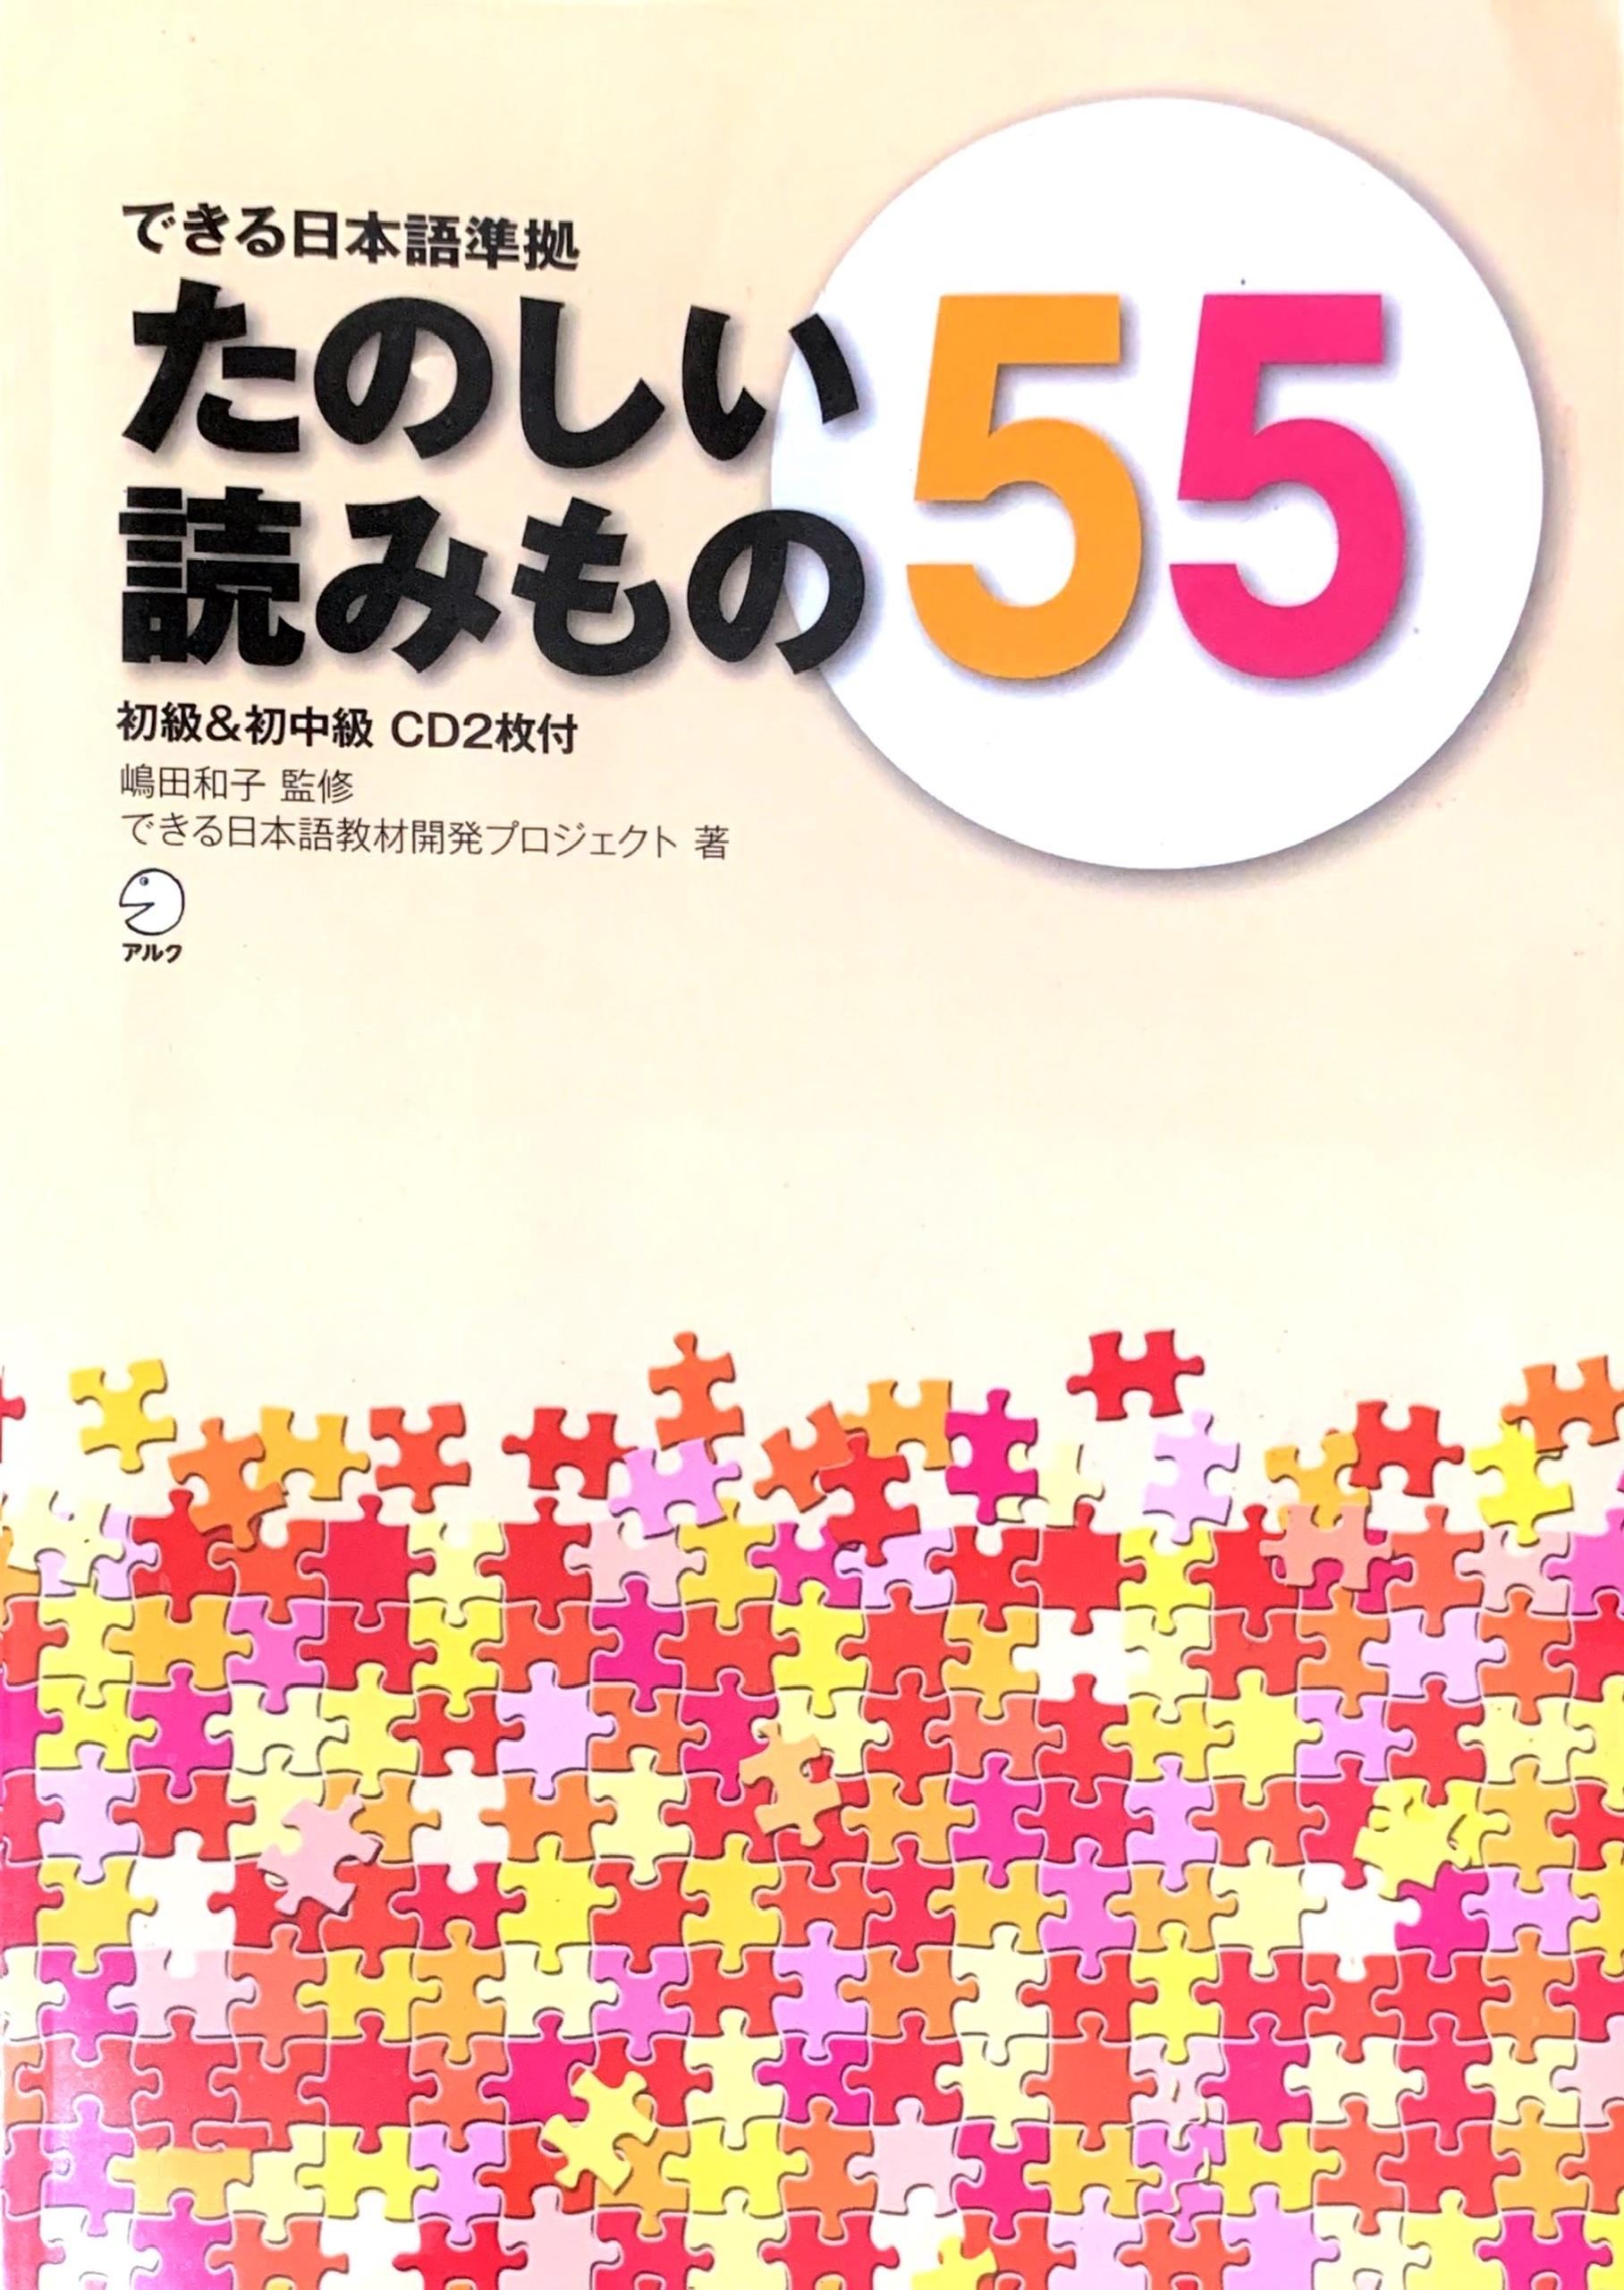 Lifestyle designSách Học Tiếng Nhật Tanoshii Yomimono 55 (Đọc Hiểu)